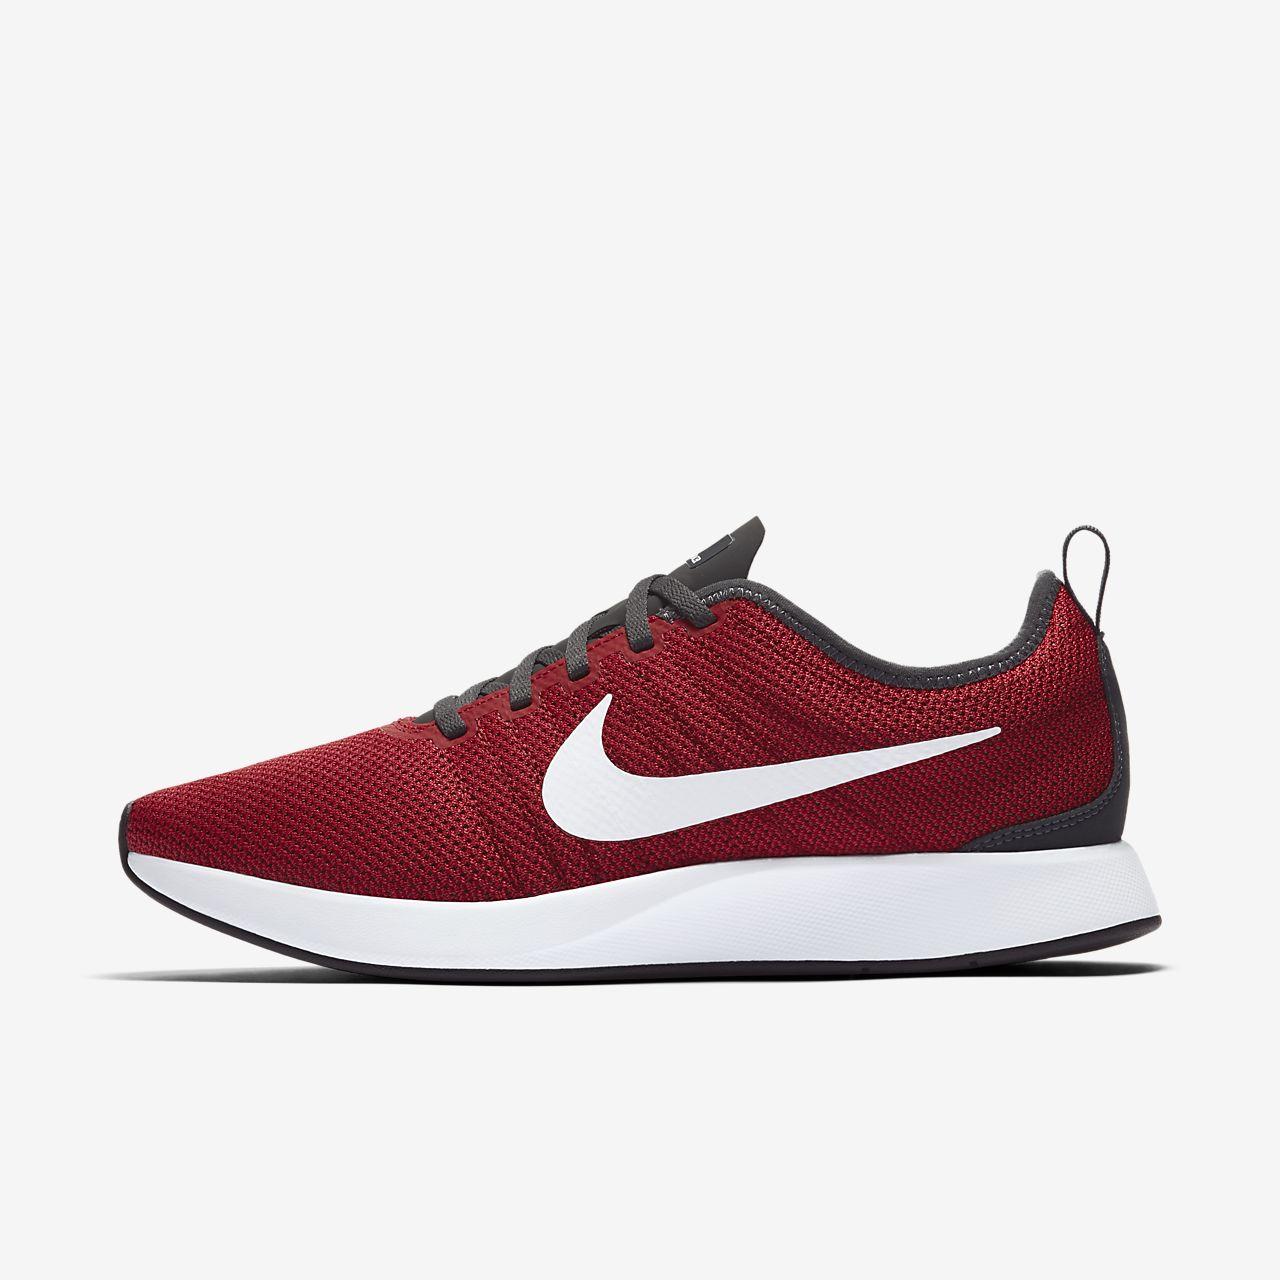 Nike Course Double Tonalité W Chaussures Grises f11I4qQ1